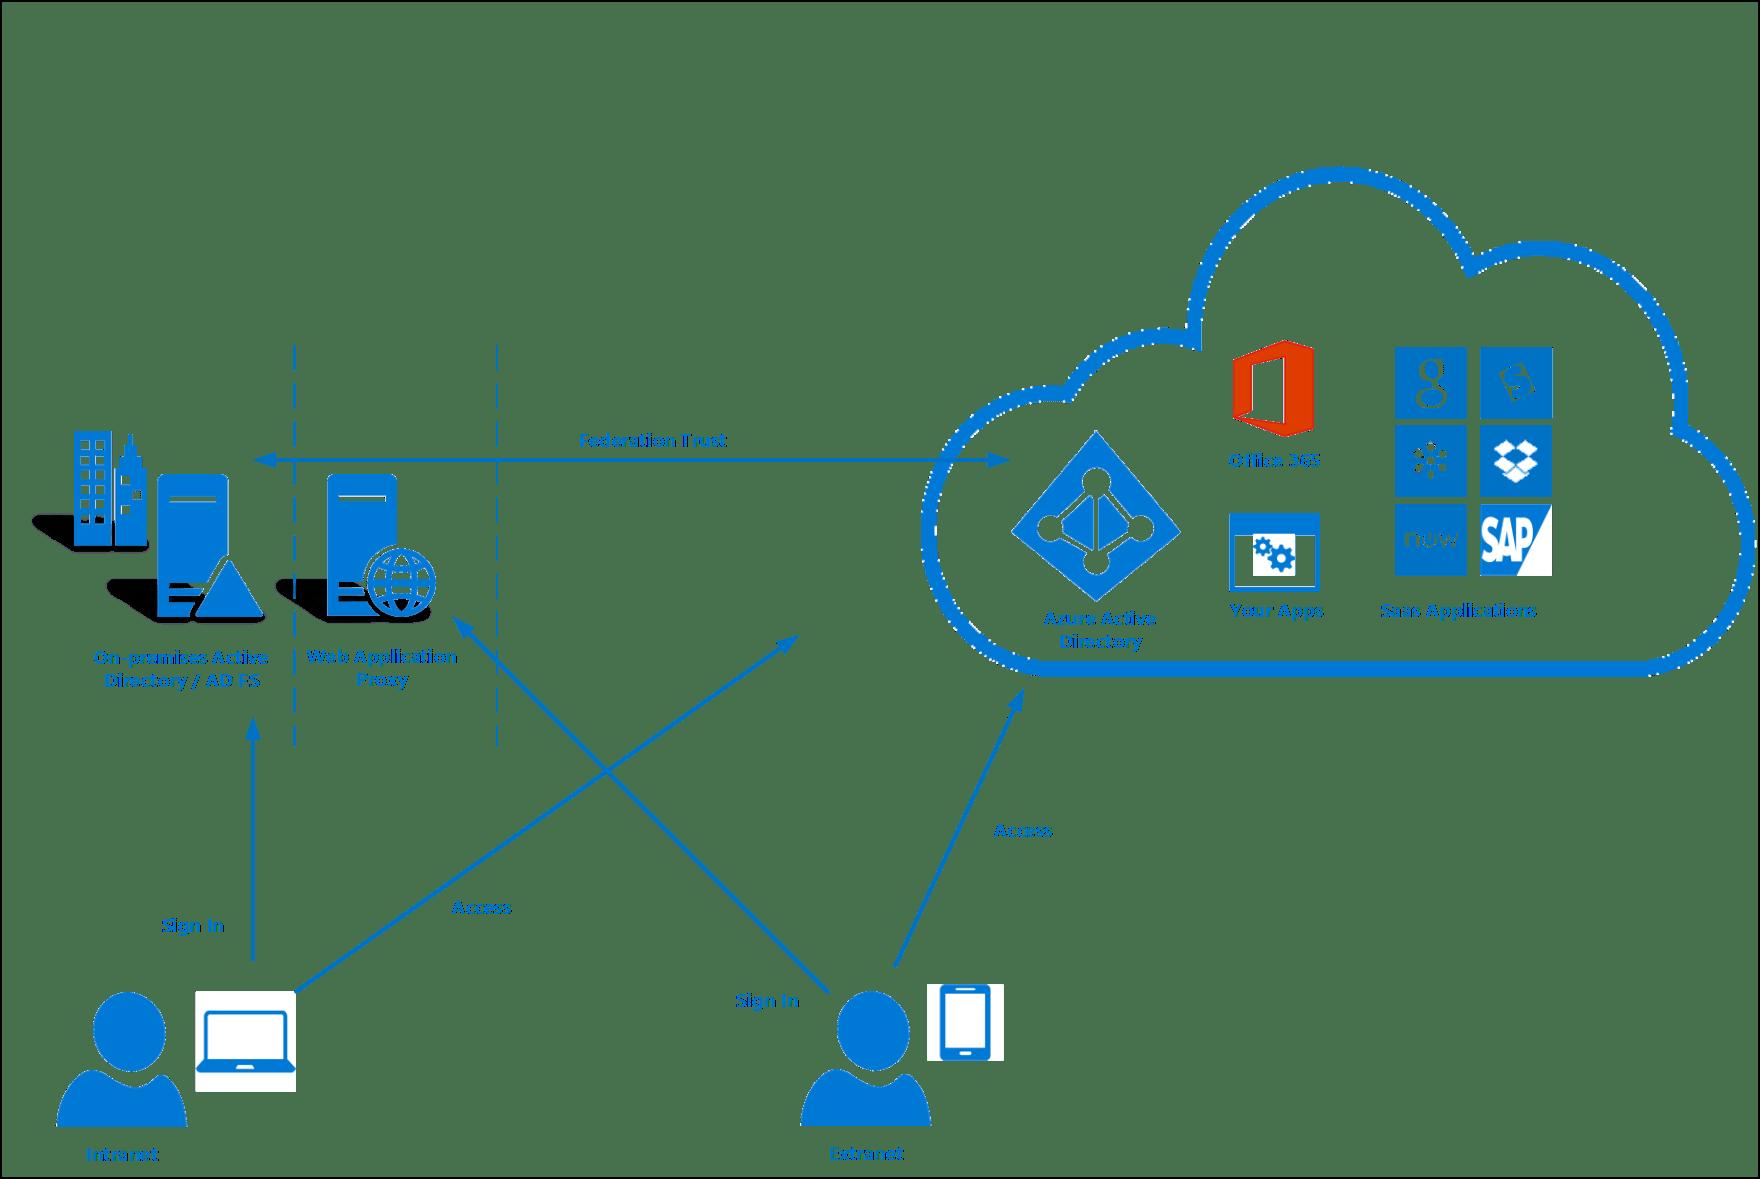 single sign on architecture diagram simple electric circuit worksheet le serveur a refusé la connexion w top 2018